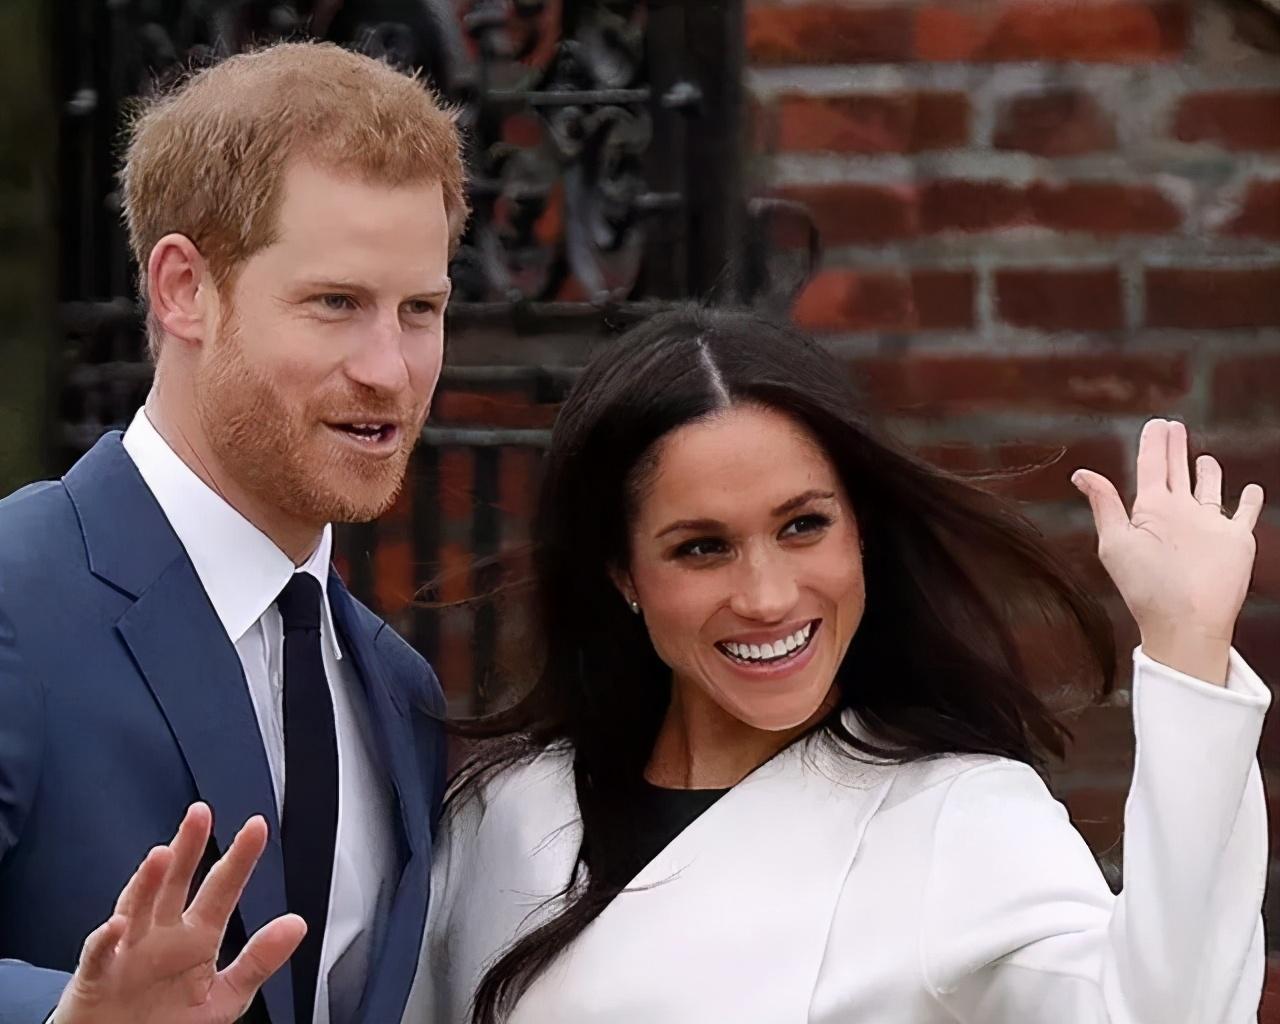 铁心不回英国了?哈里夫妻被曝搬空英国豪宅,结果网友拍手称快